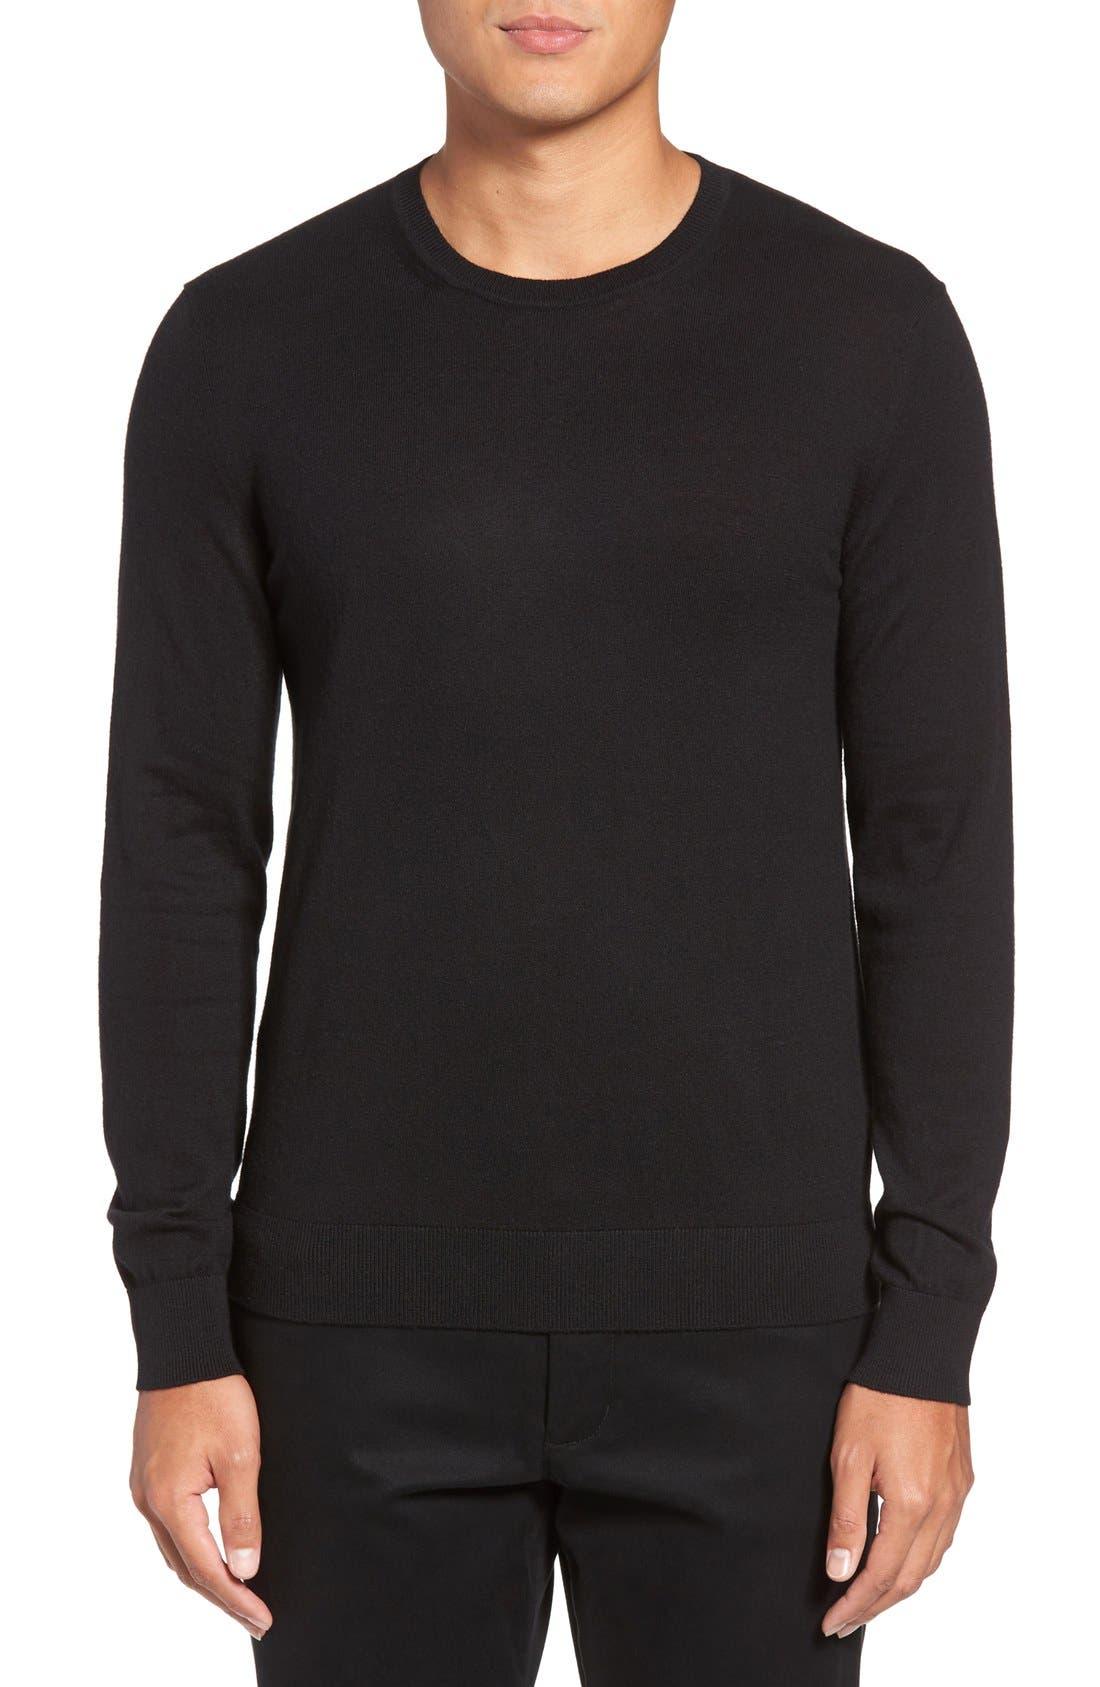 Brit Richmond Cotton & Cashmere Sweater,                         Main,                         color, 001